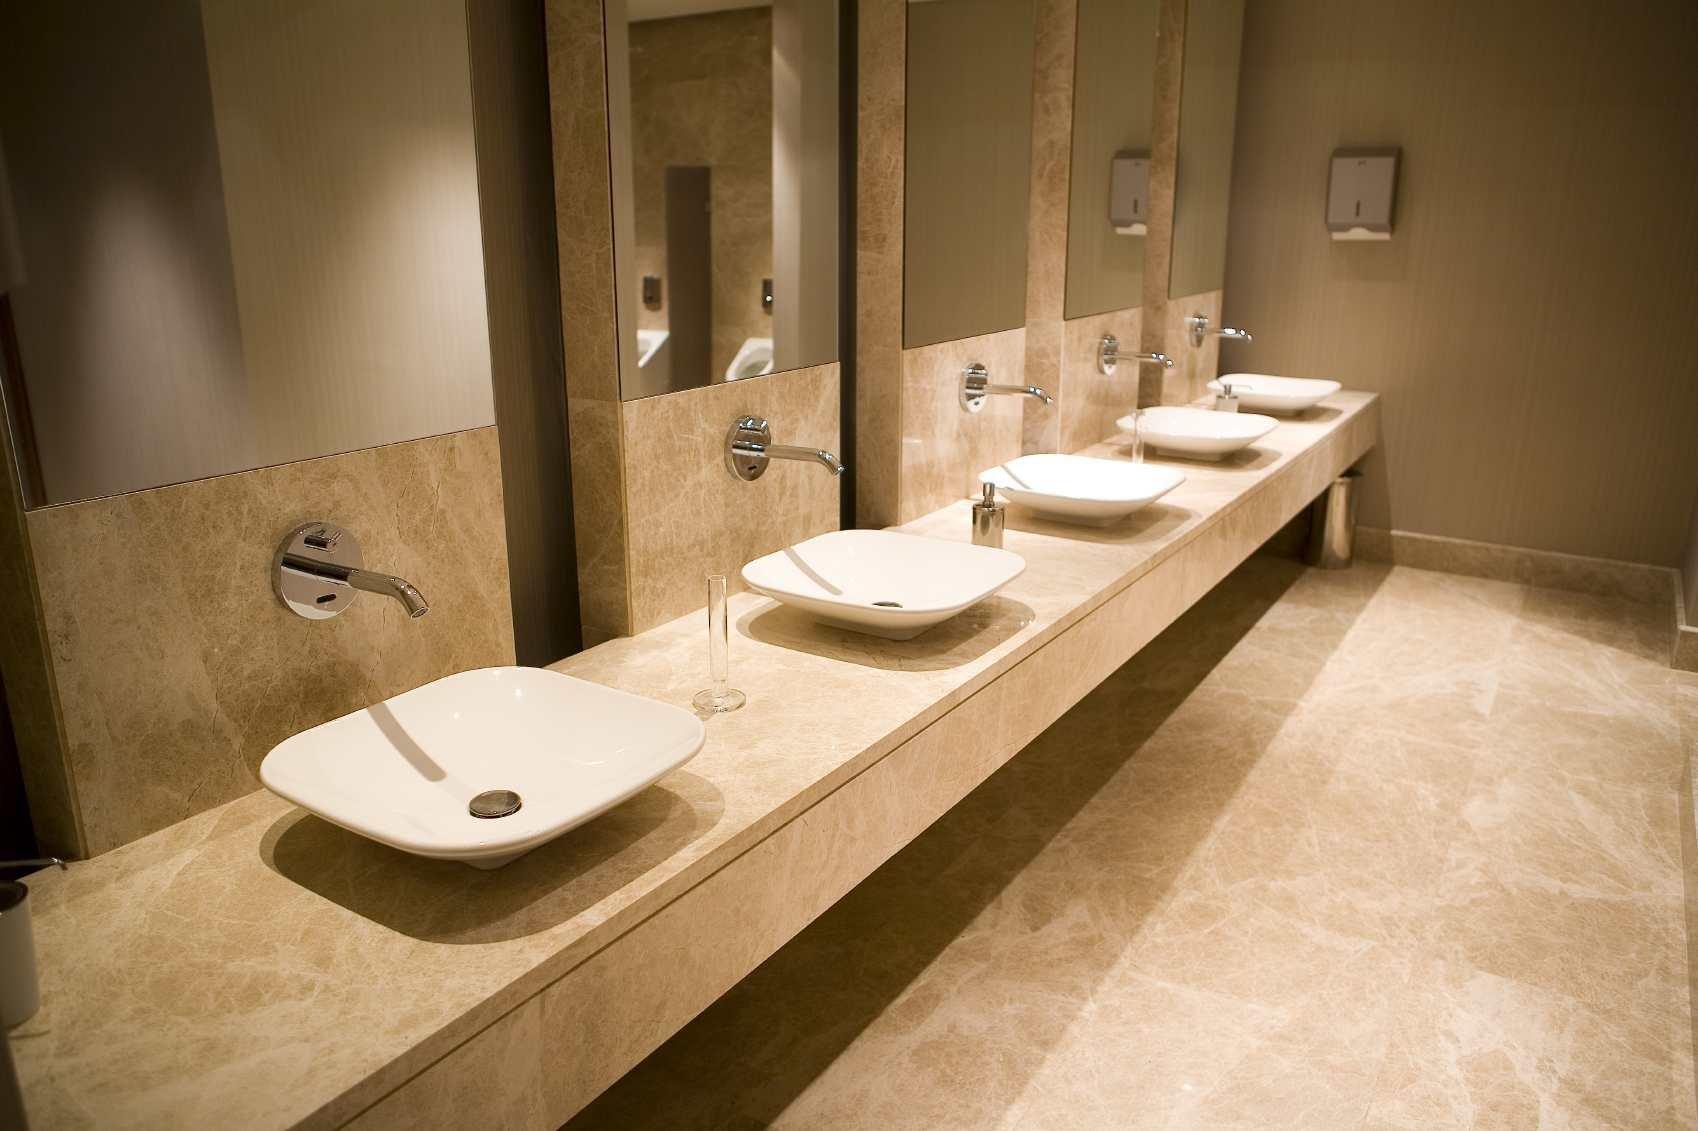 Туалеты в офисе, Туалет в офисе какаем и писаем на работе 28 фотография